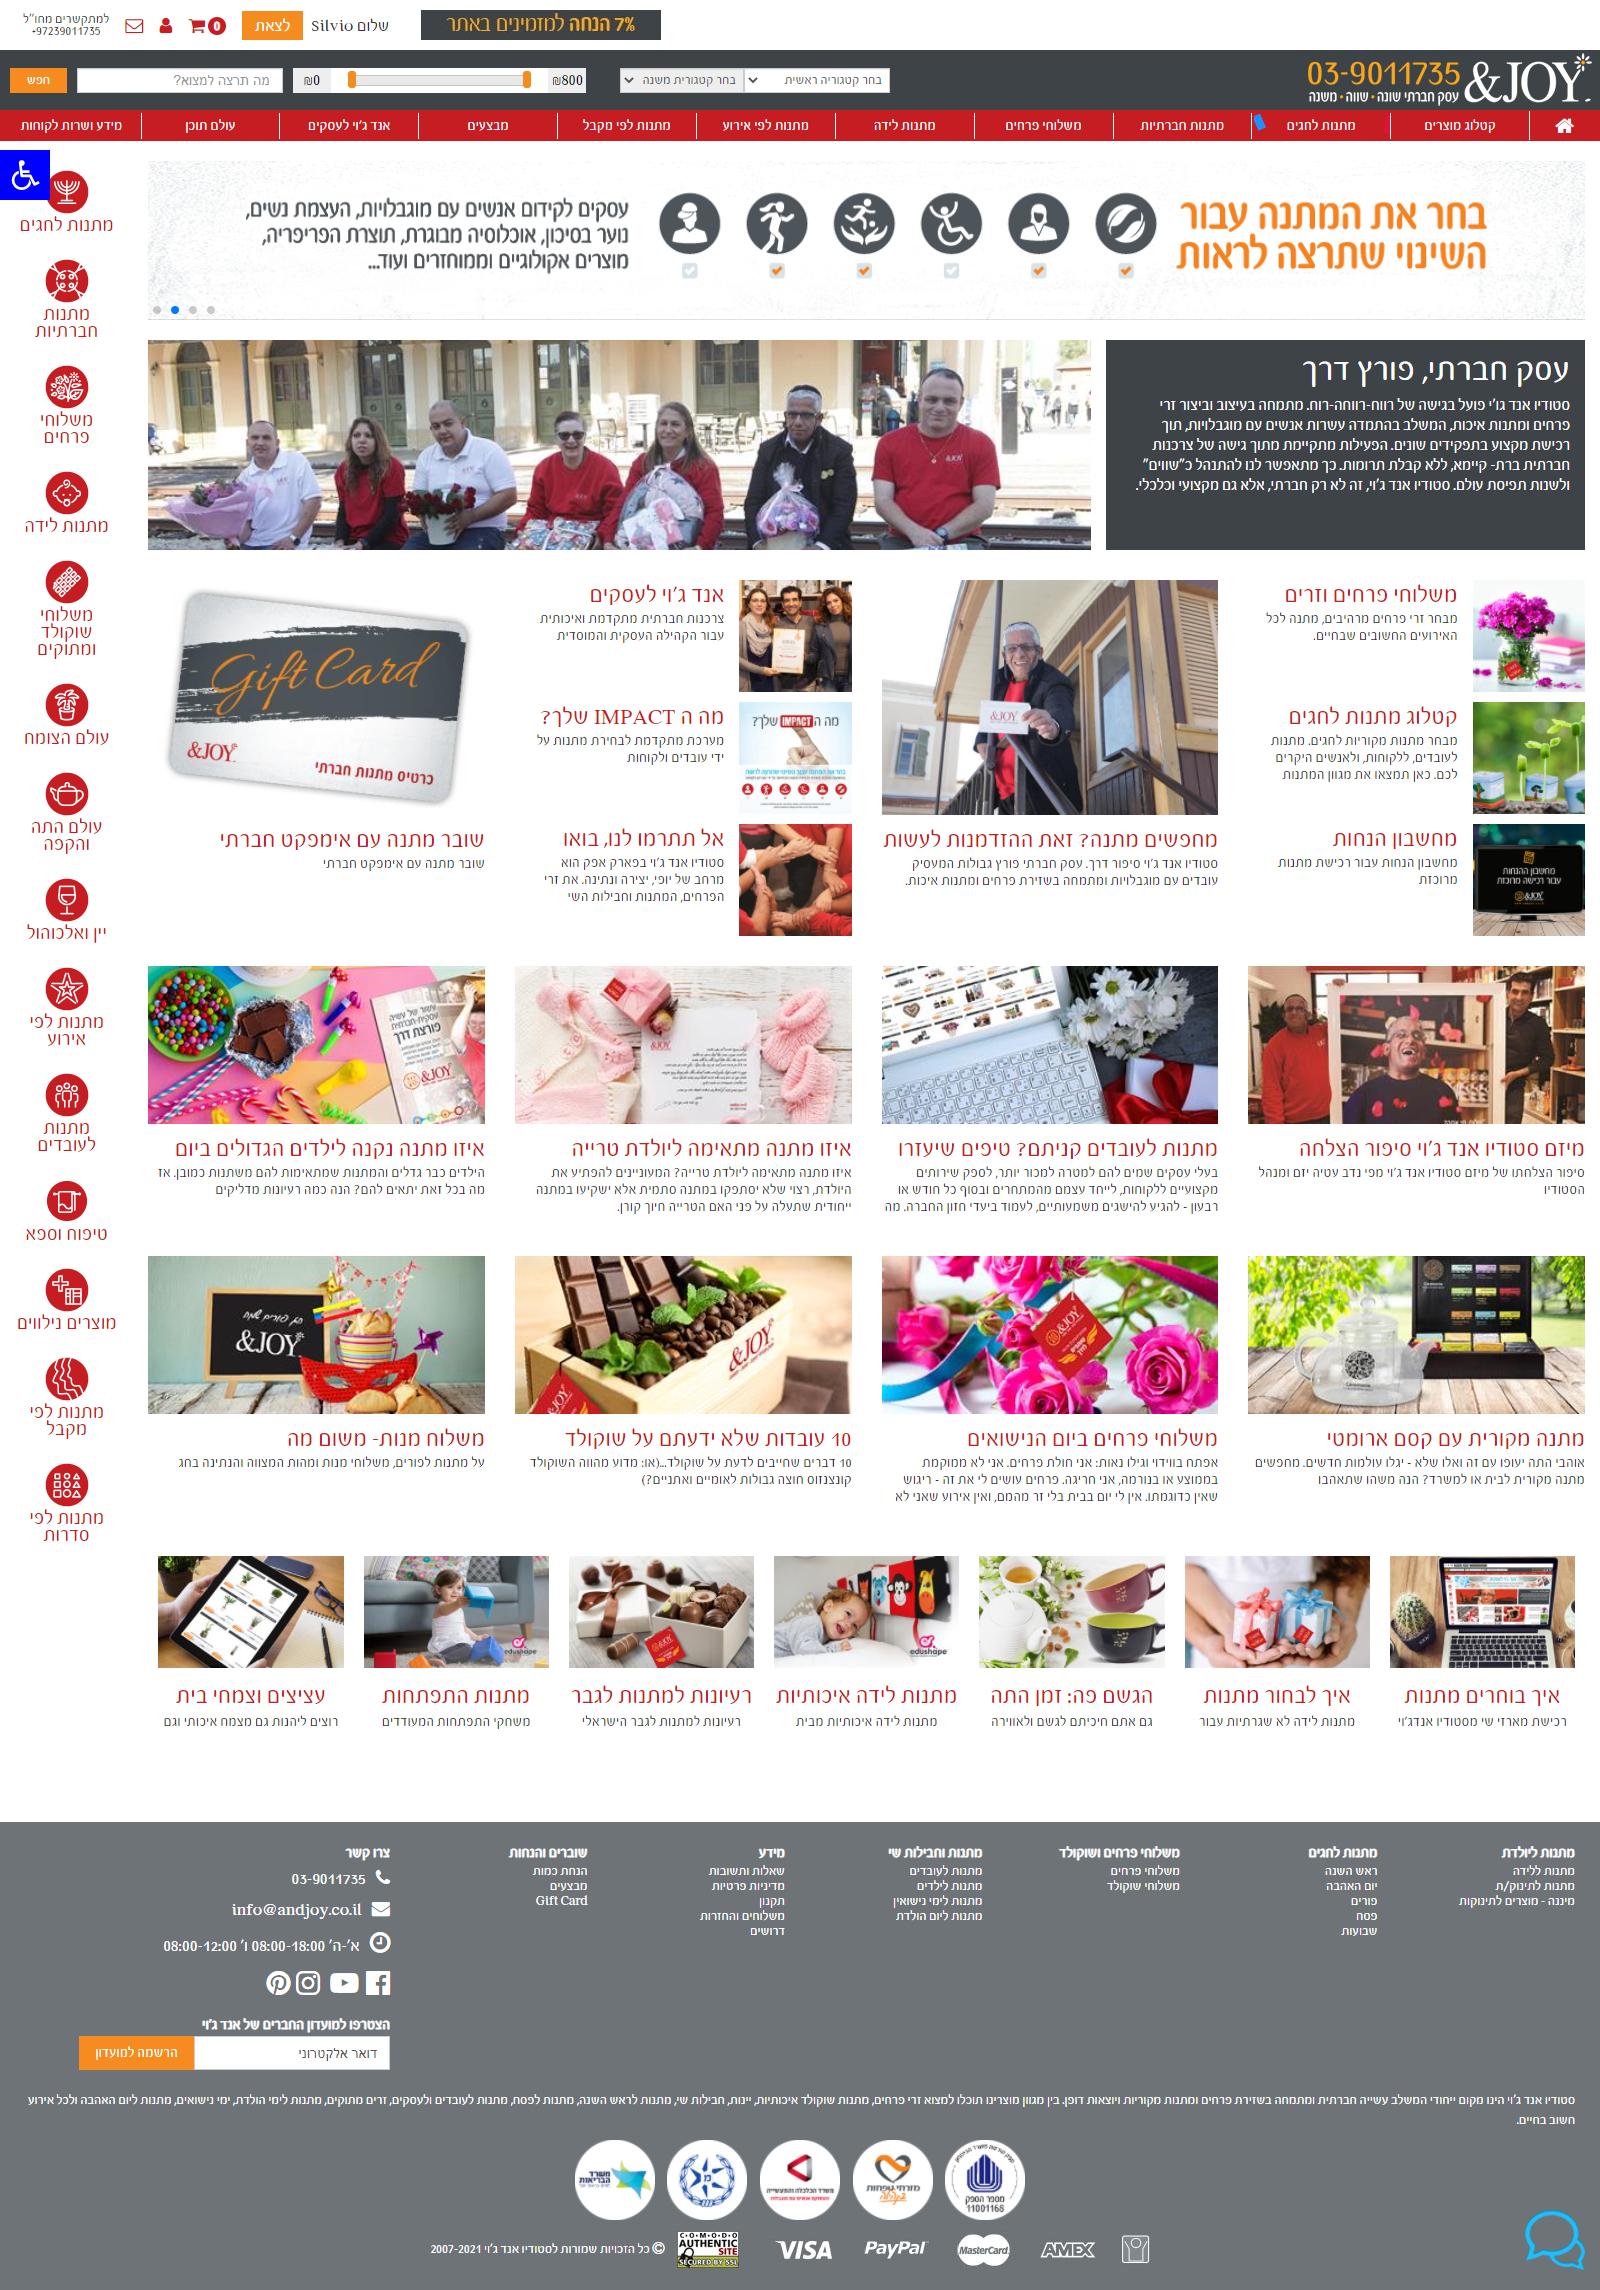 אנדג'וי - סטודיו לעיצוב וייצור פרחים ומתנות